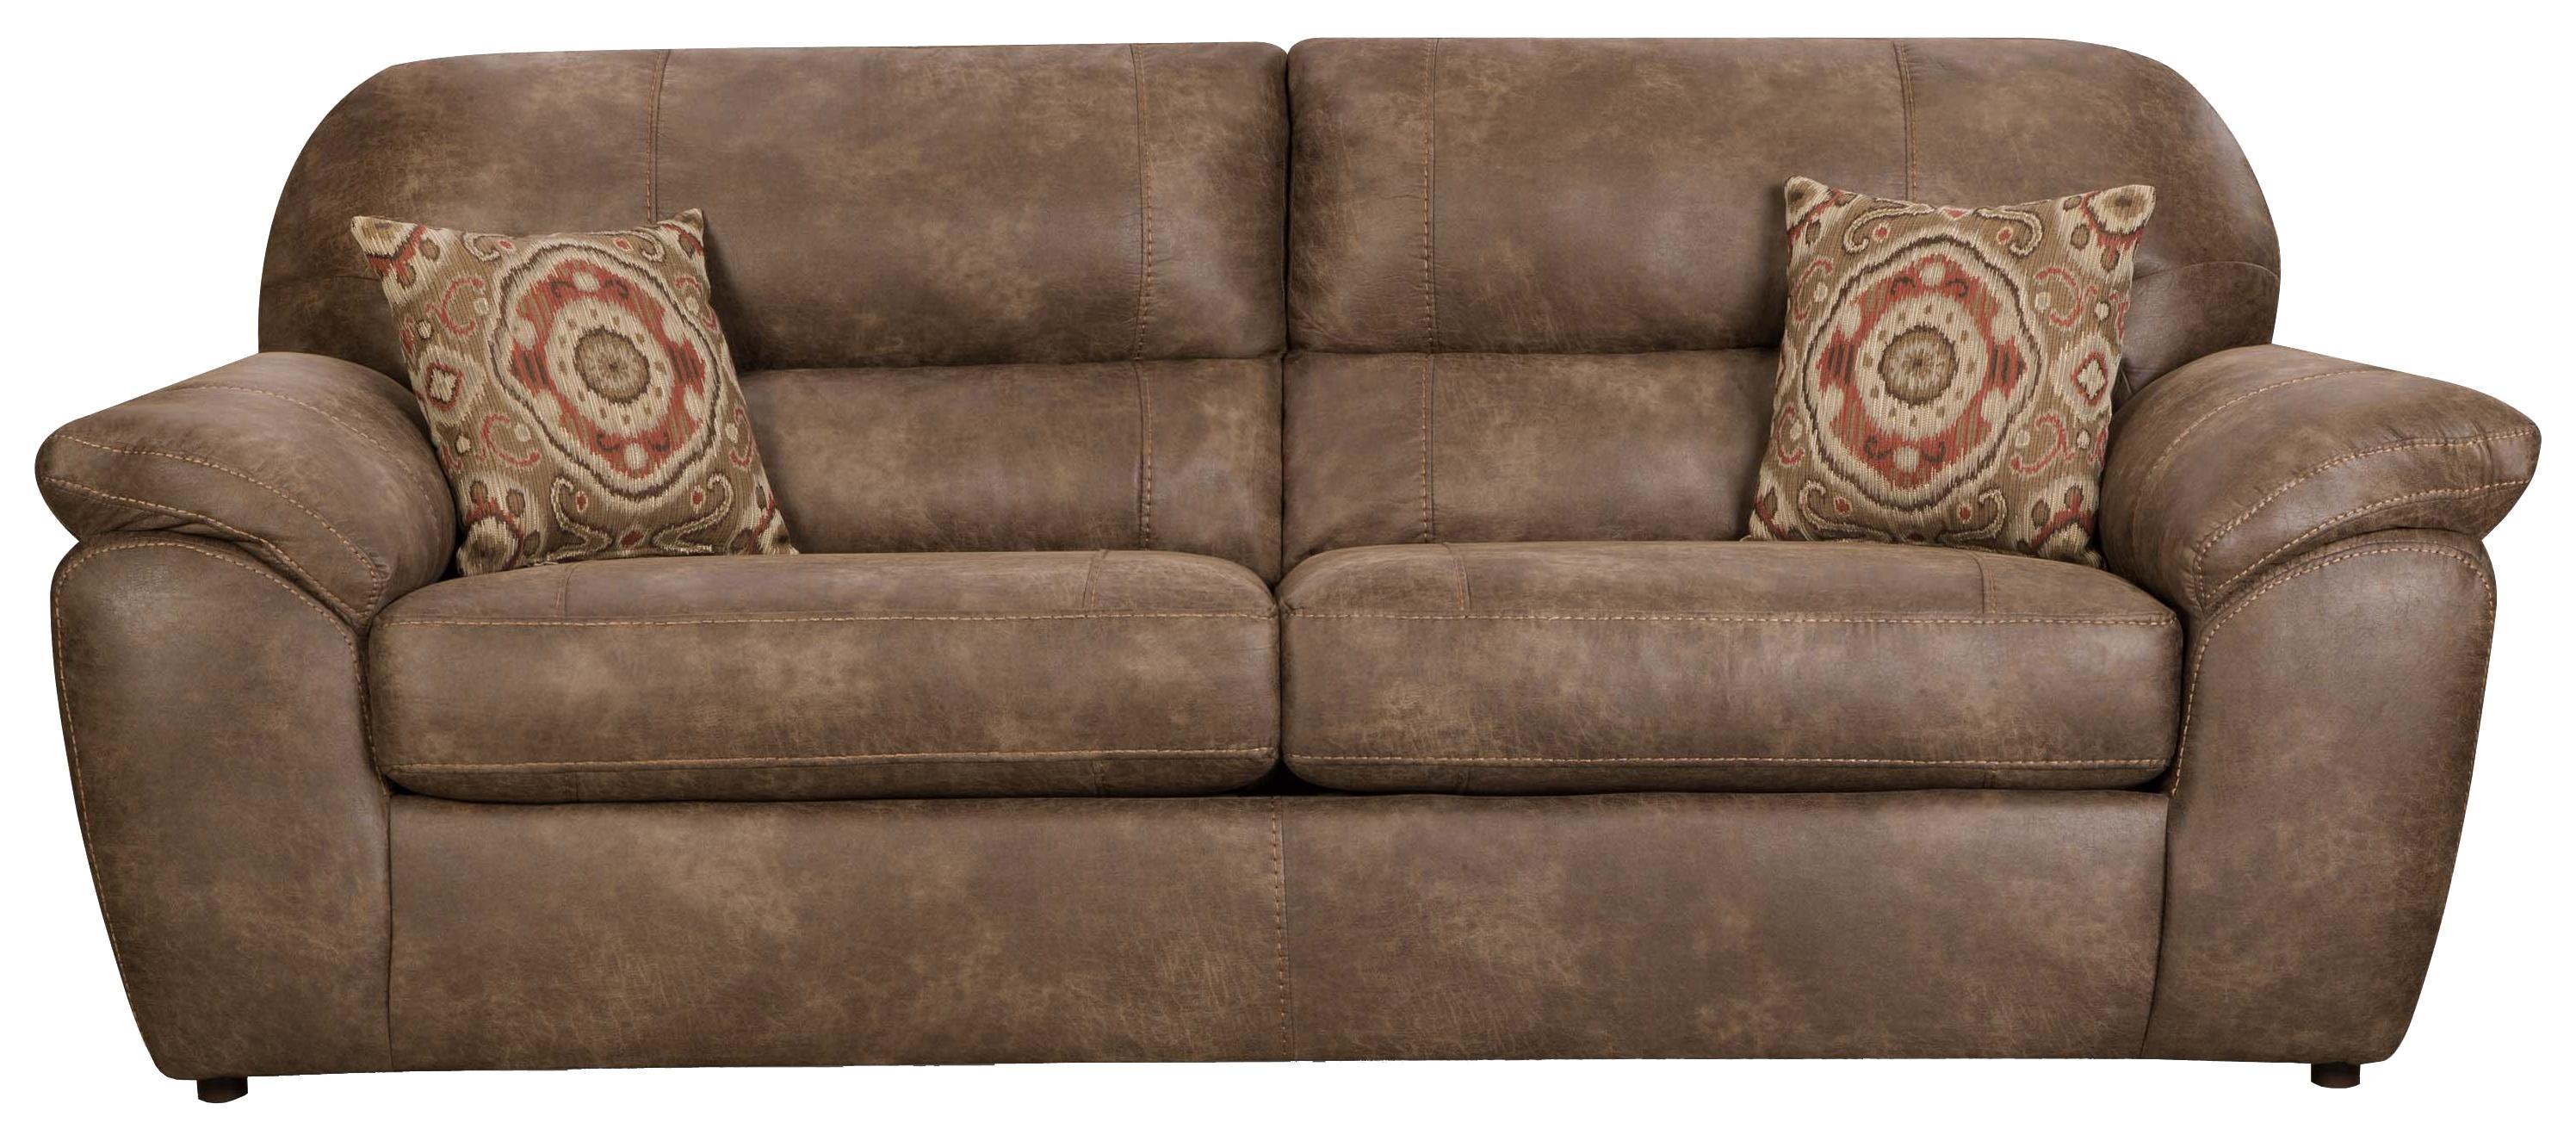 corinthian sofas european sleeper sofa 18a0 casual plush vandrie home